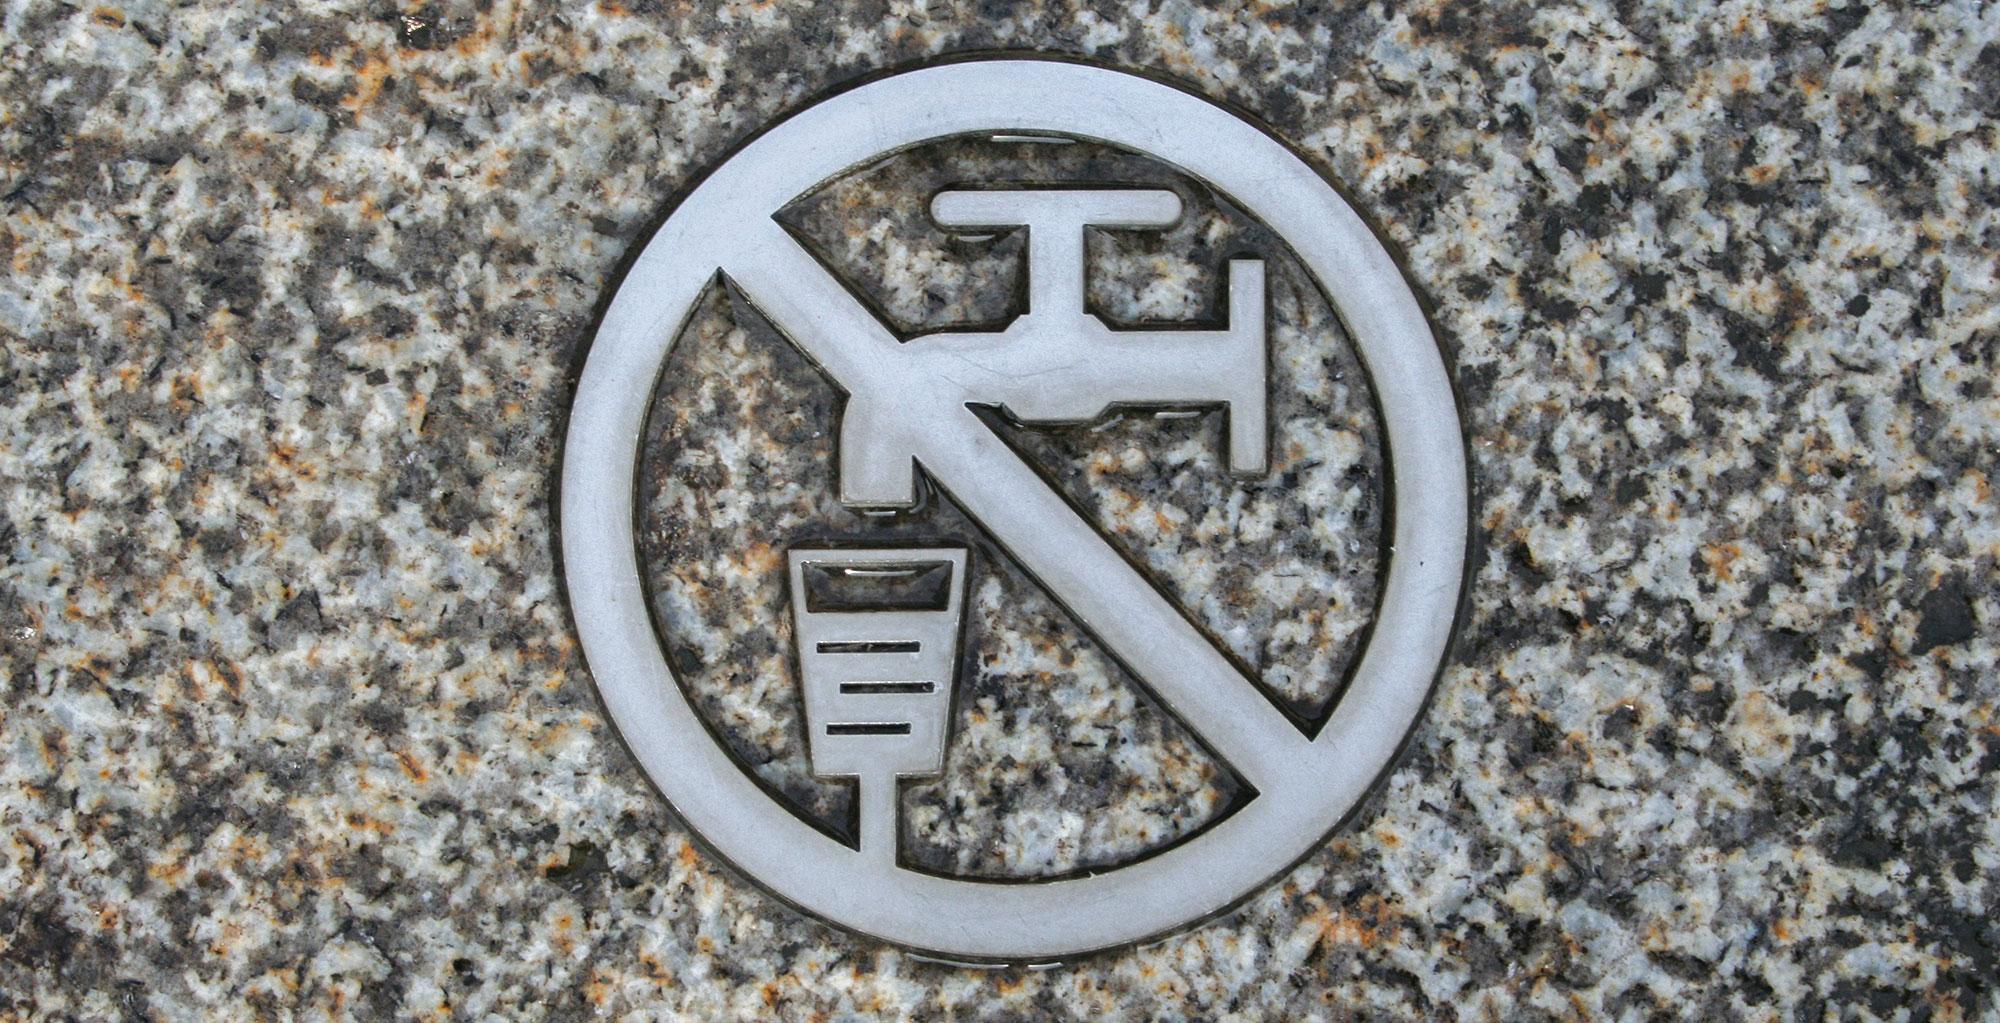 Kein-Trinkwasser-Schild-als-Piktogramm